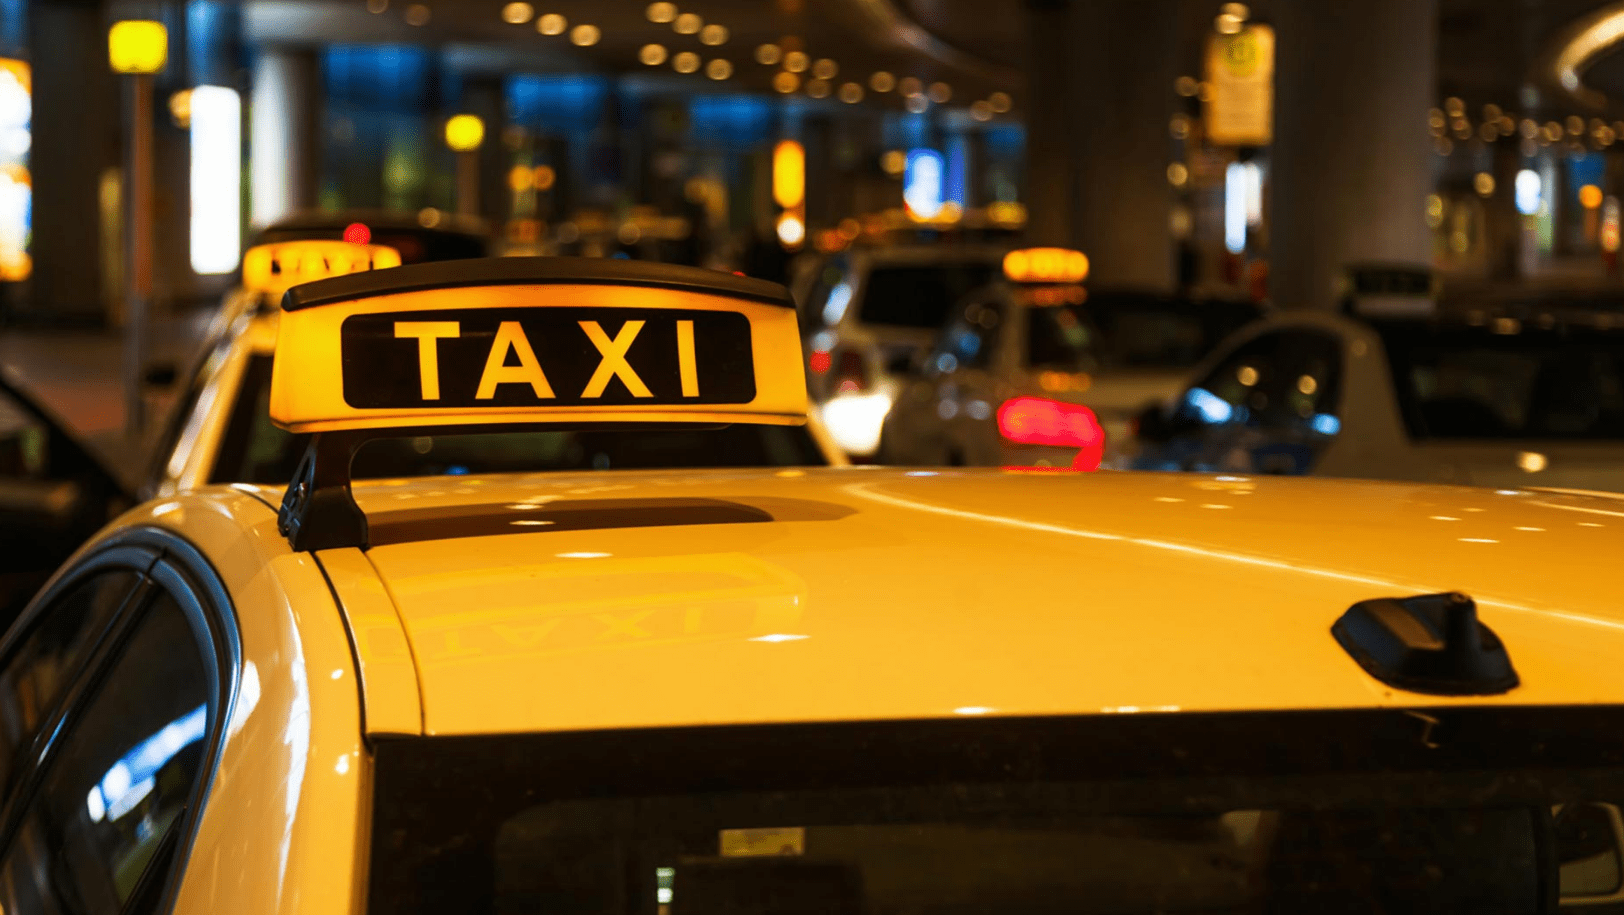 такси на море в картинках